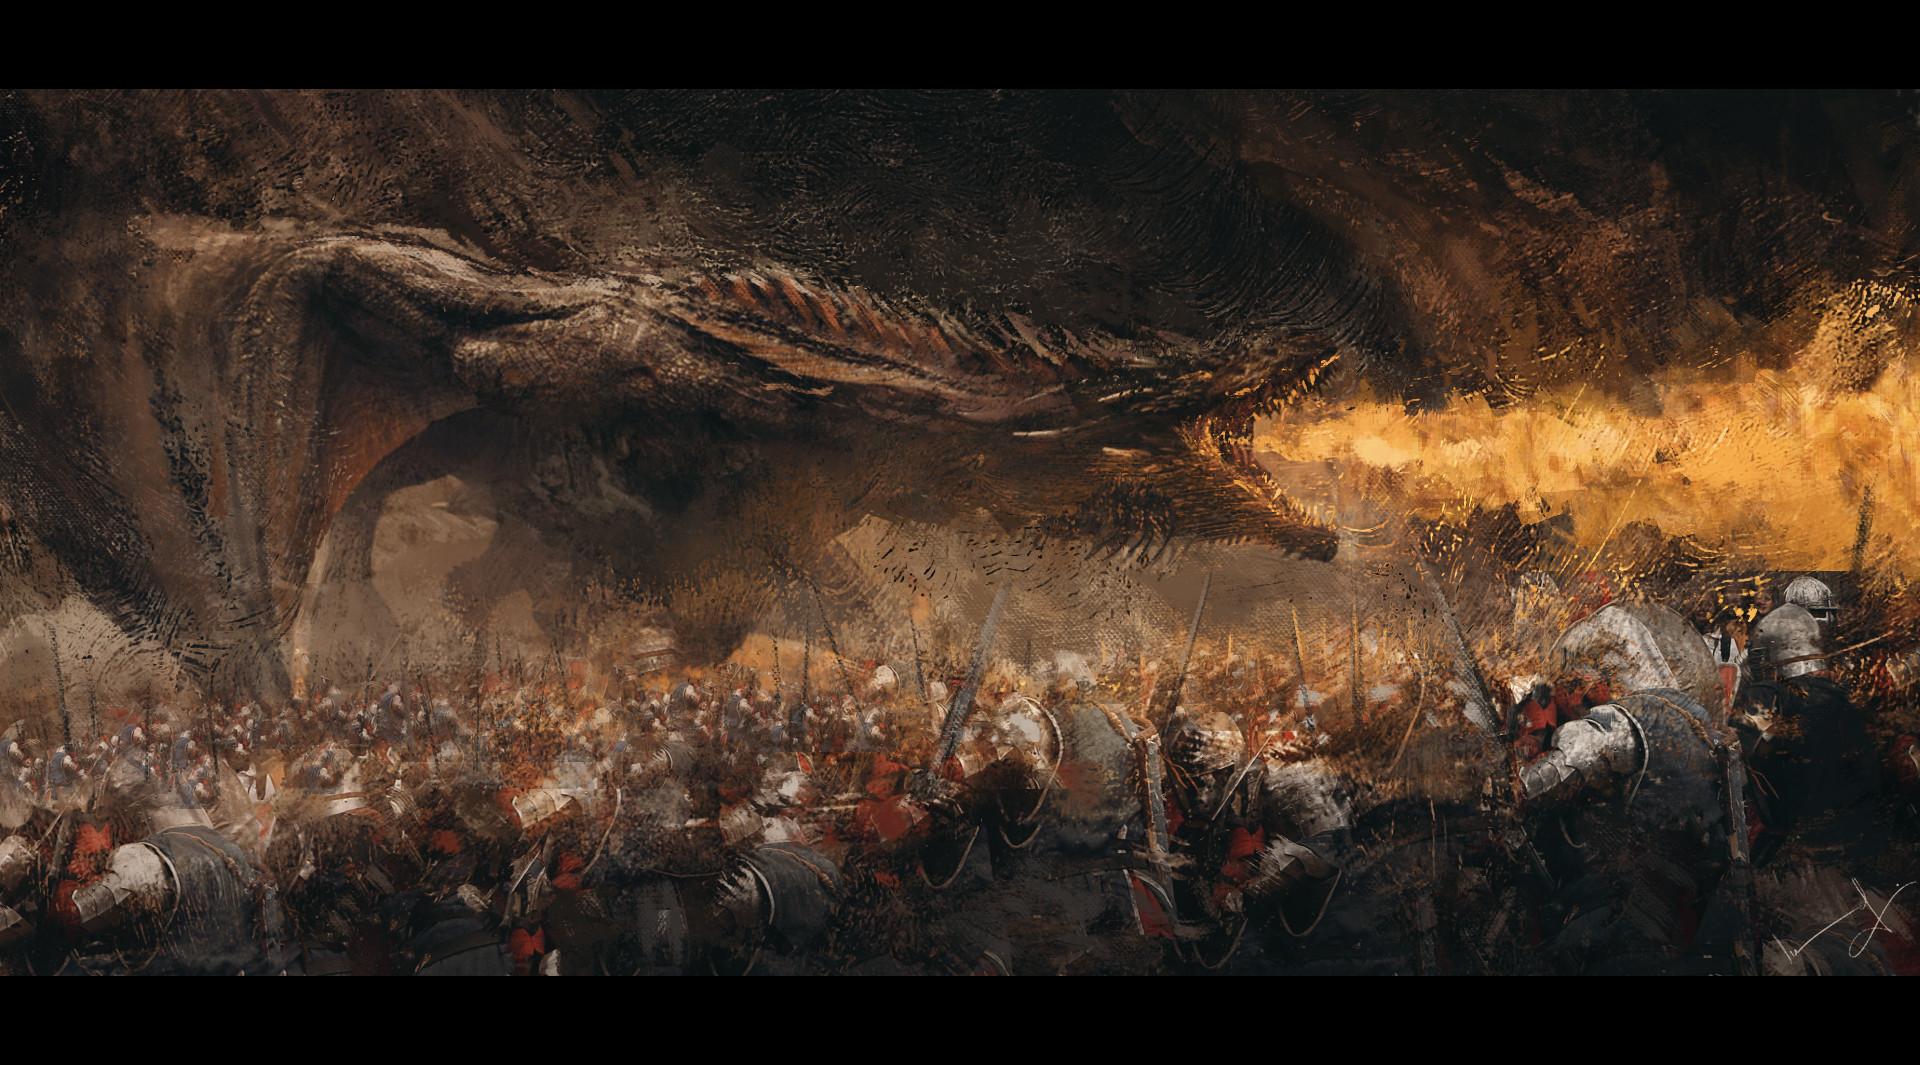 Философия в картинках - Страница 30 Imx-awan-dragon-fight-final2